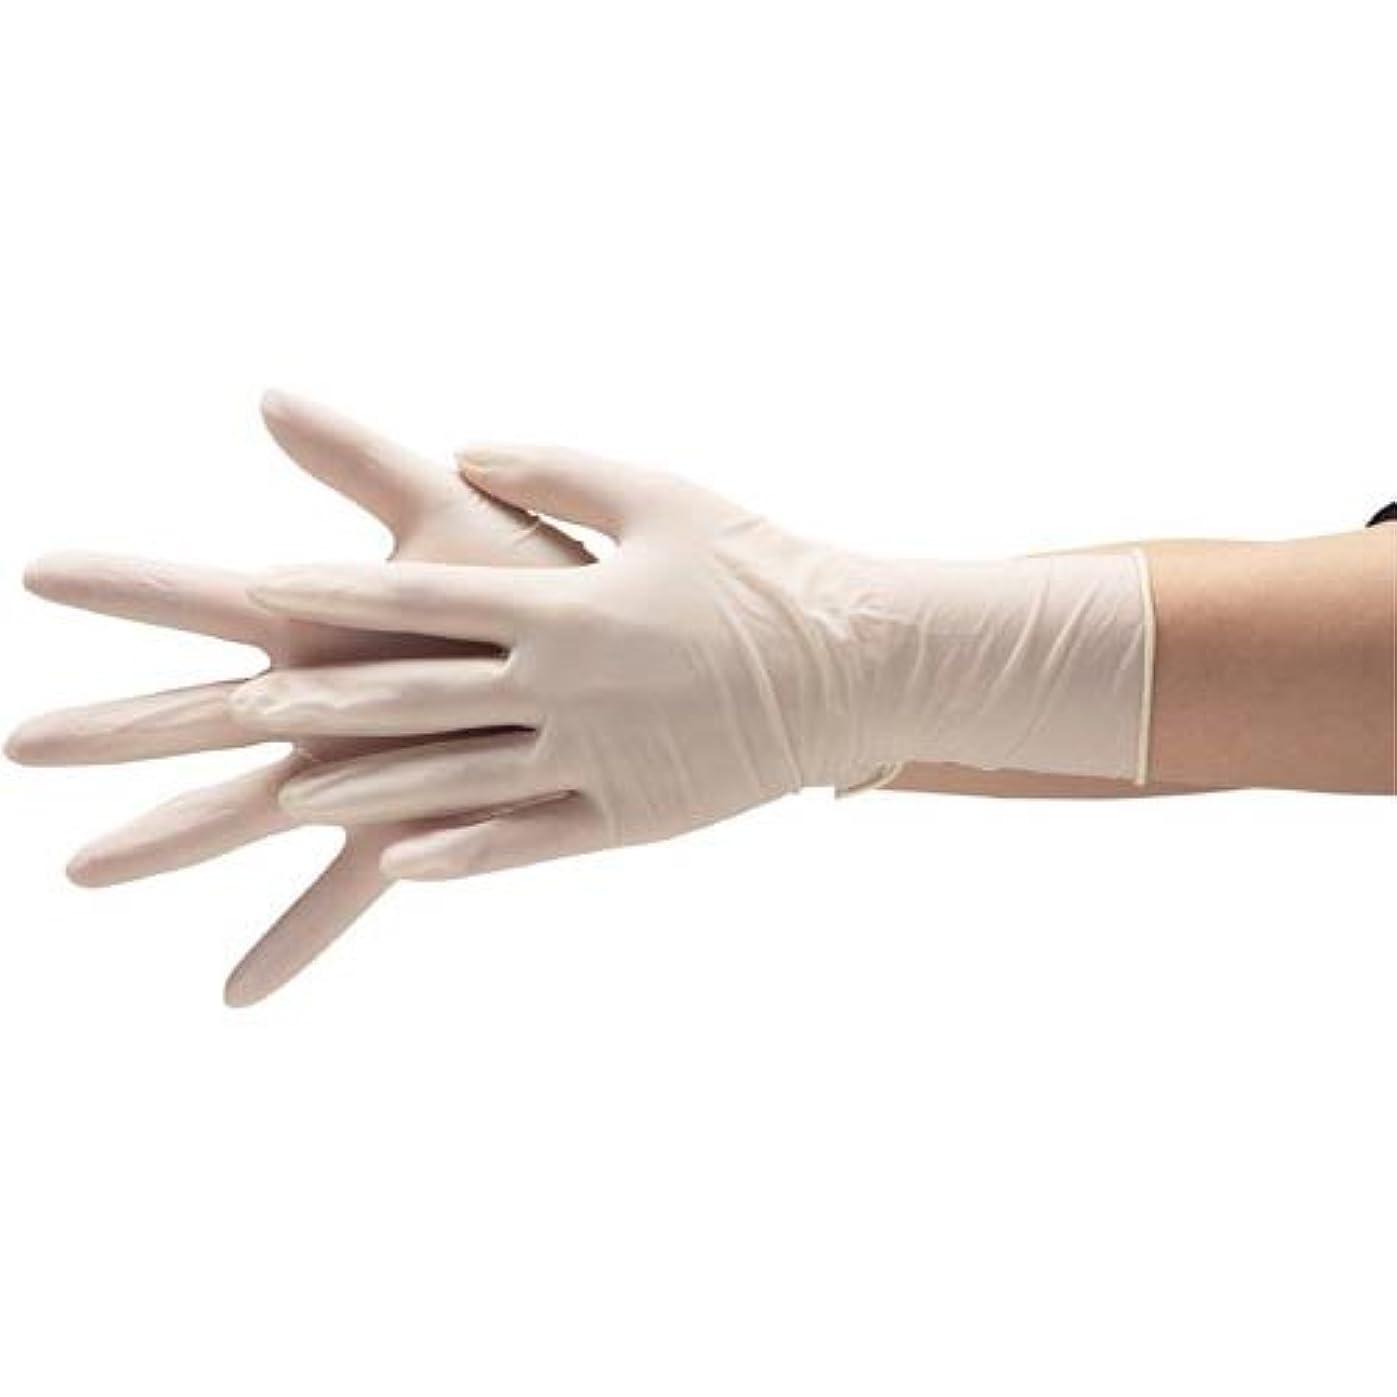 適応的シンポジウム実業家共和 ラテックス手袋 粉無 NO.290 M 10箱